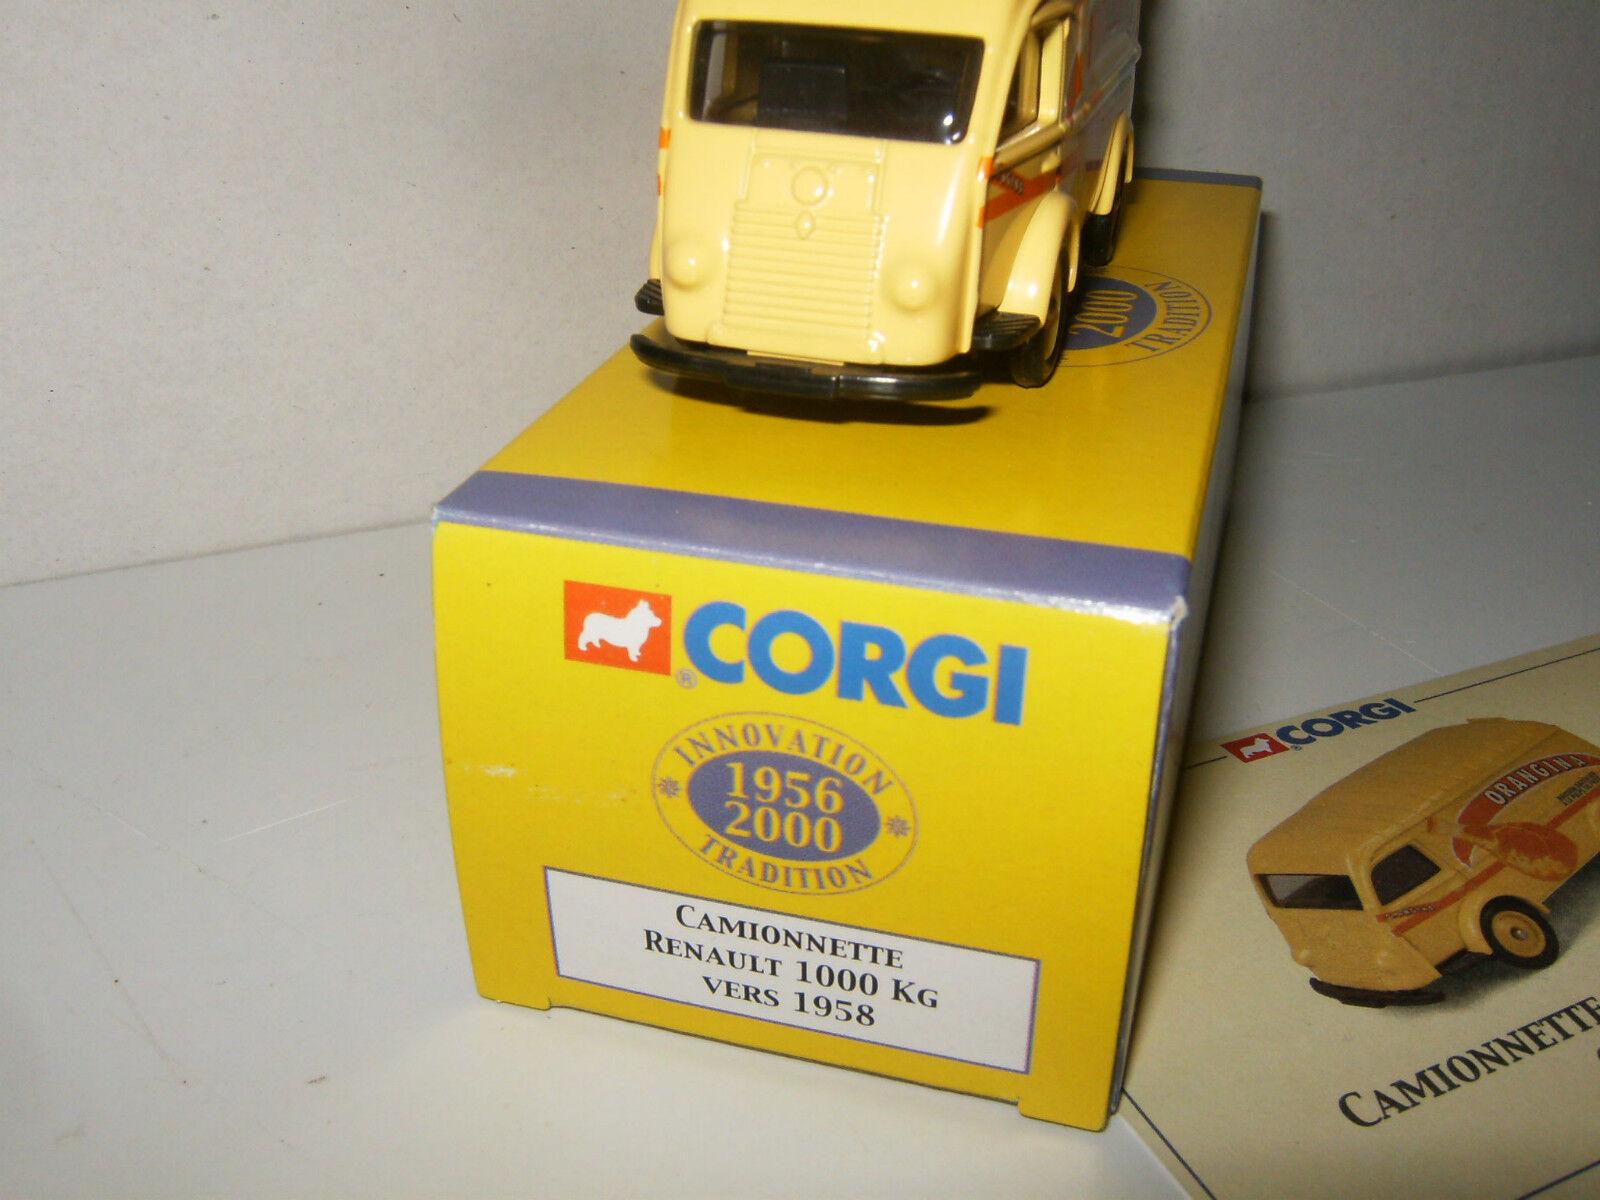 RENAULT 1000 KG 1958 1958 1958 ORANGINA par CORGI au 1 55 avec BOITE 089f79